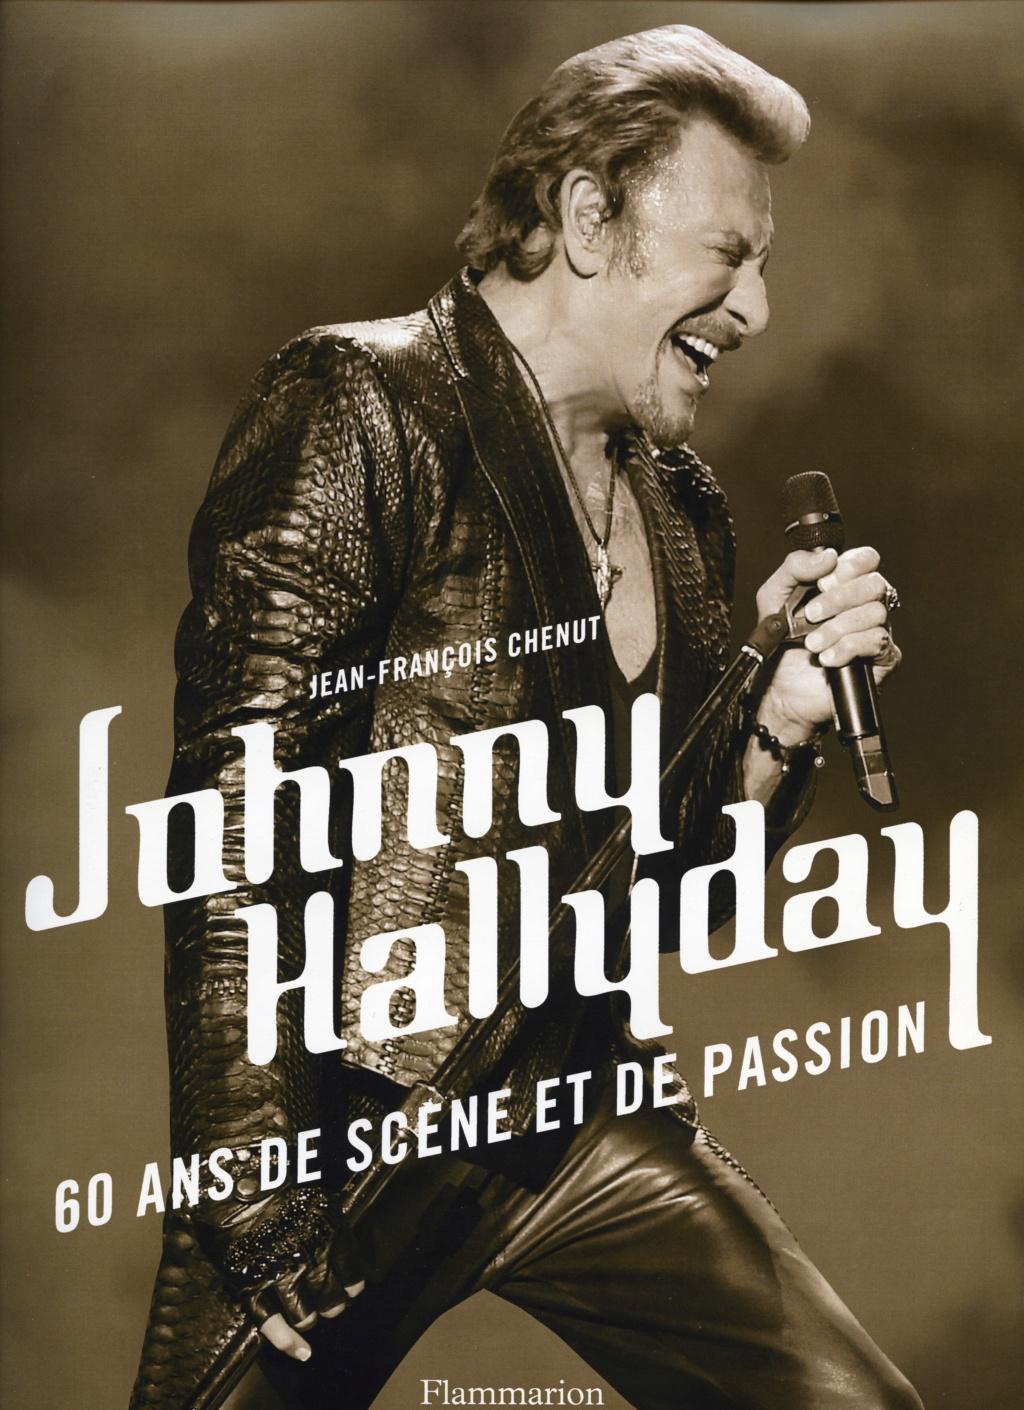 Johnny Hallyday 50 ans de scène et de passion: Kit de presse 60ans_12